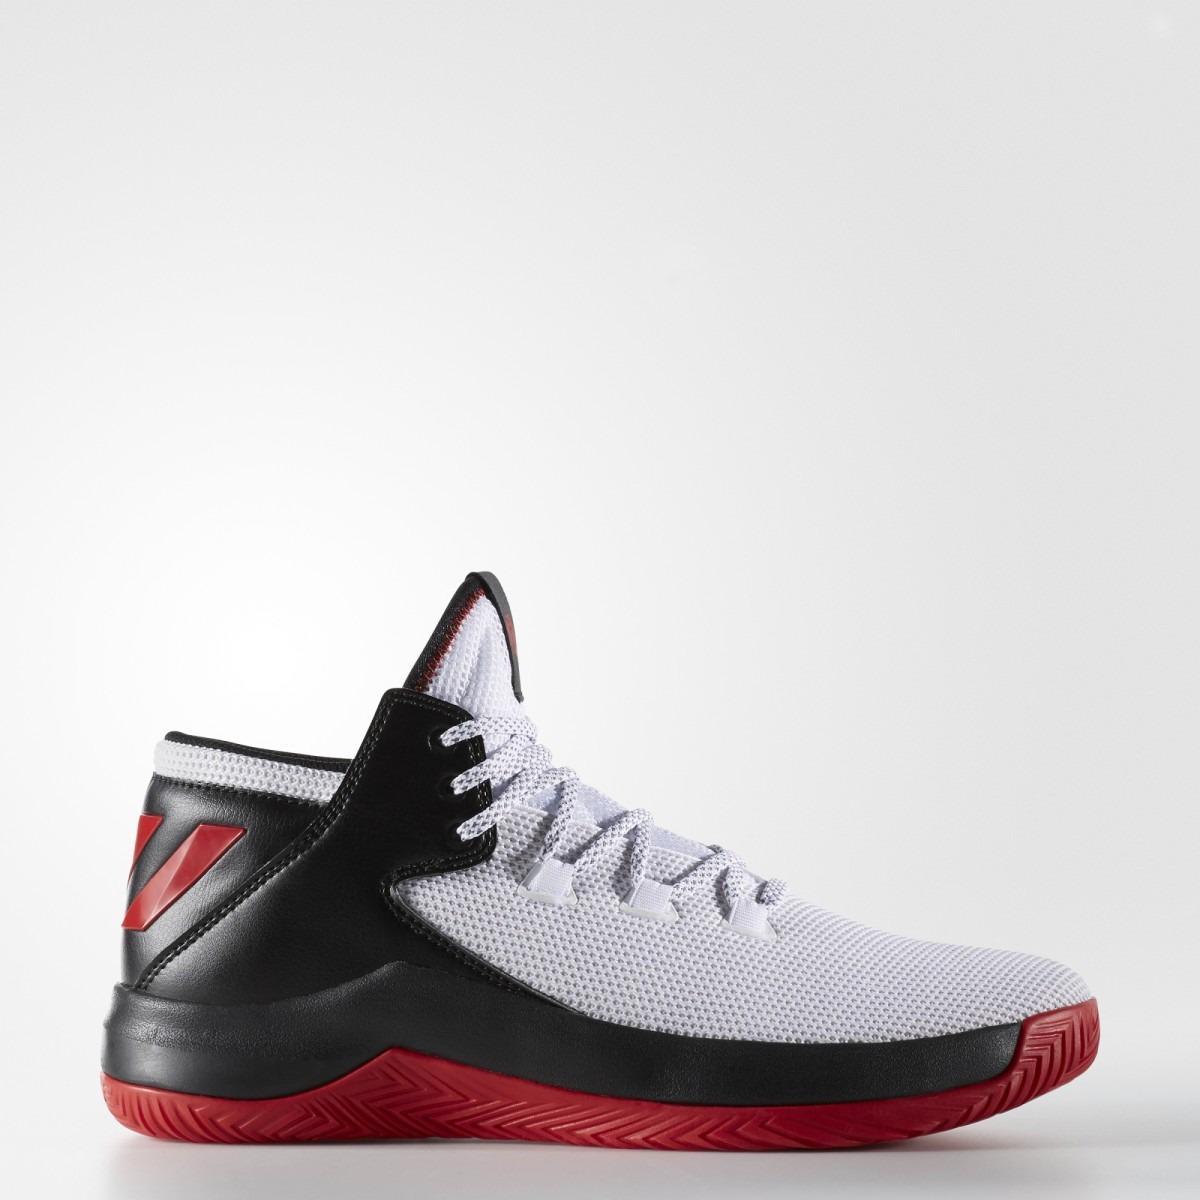 Tarik Kembali Sandal Pria Baru Keren 021 12 Hitam Daftar Morello Mens Puyue Adidas Sepatu Basket